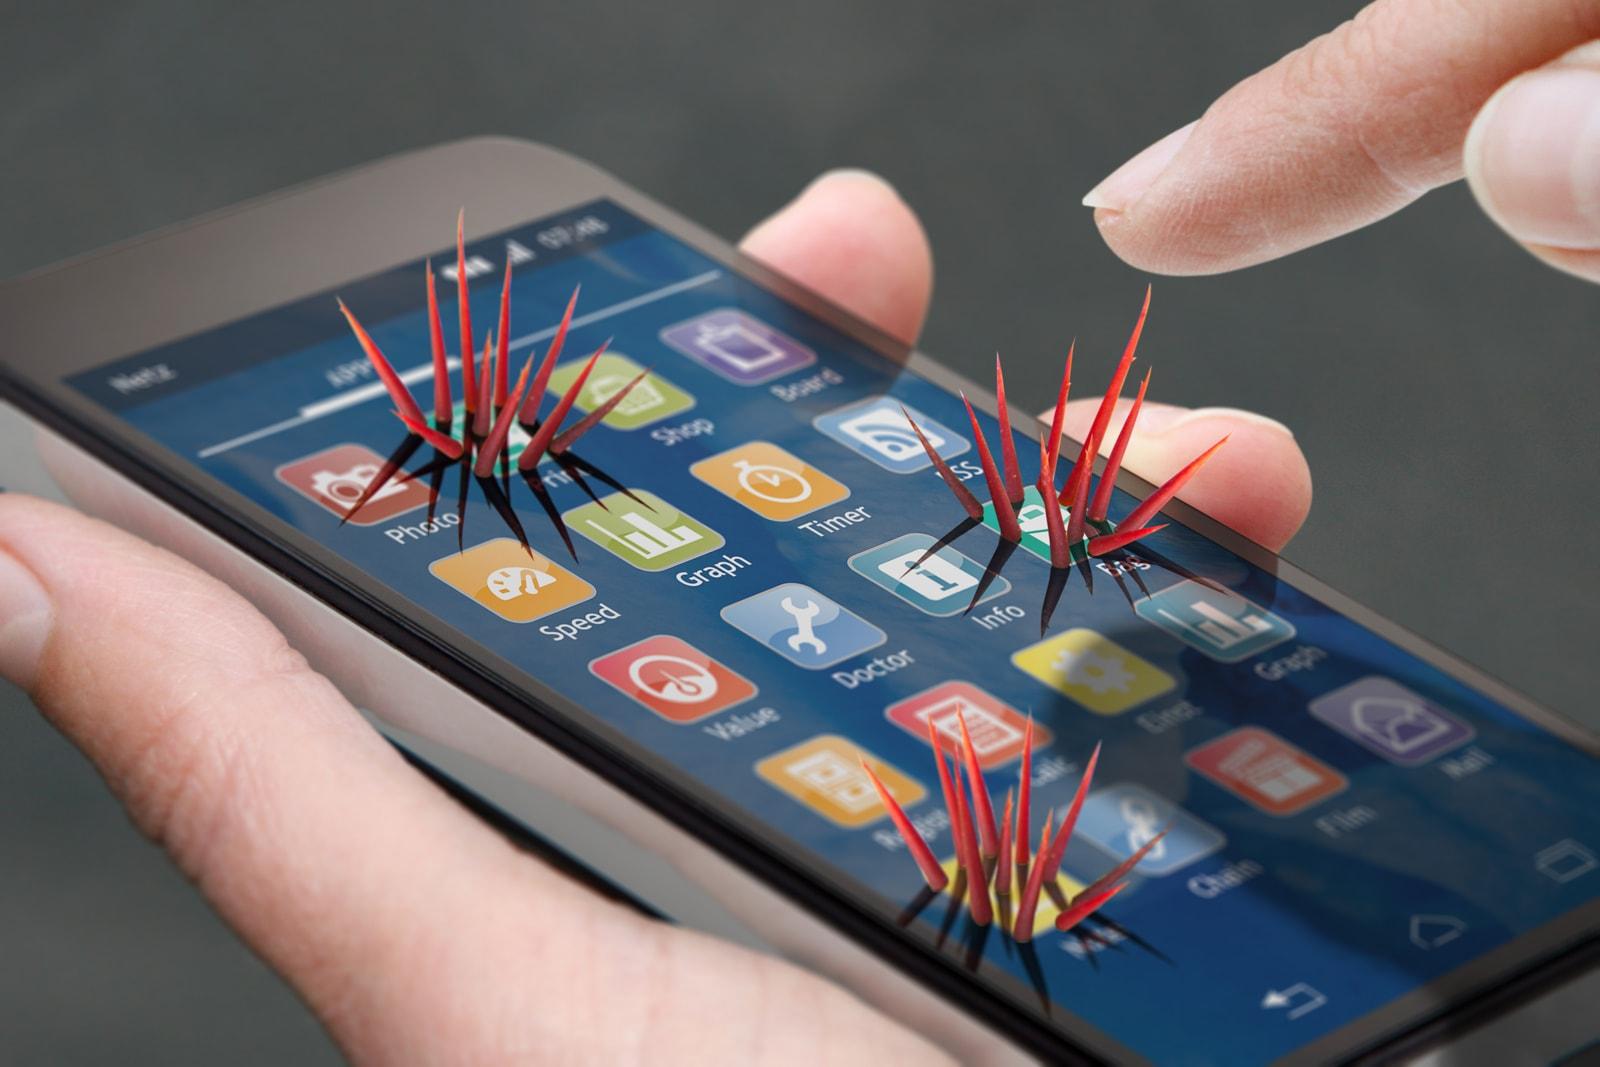 محدودیت شبکه های اجتماعی